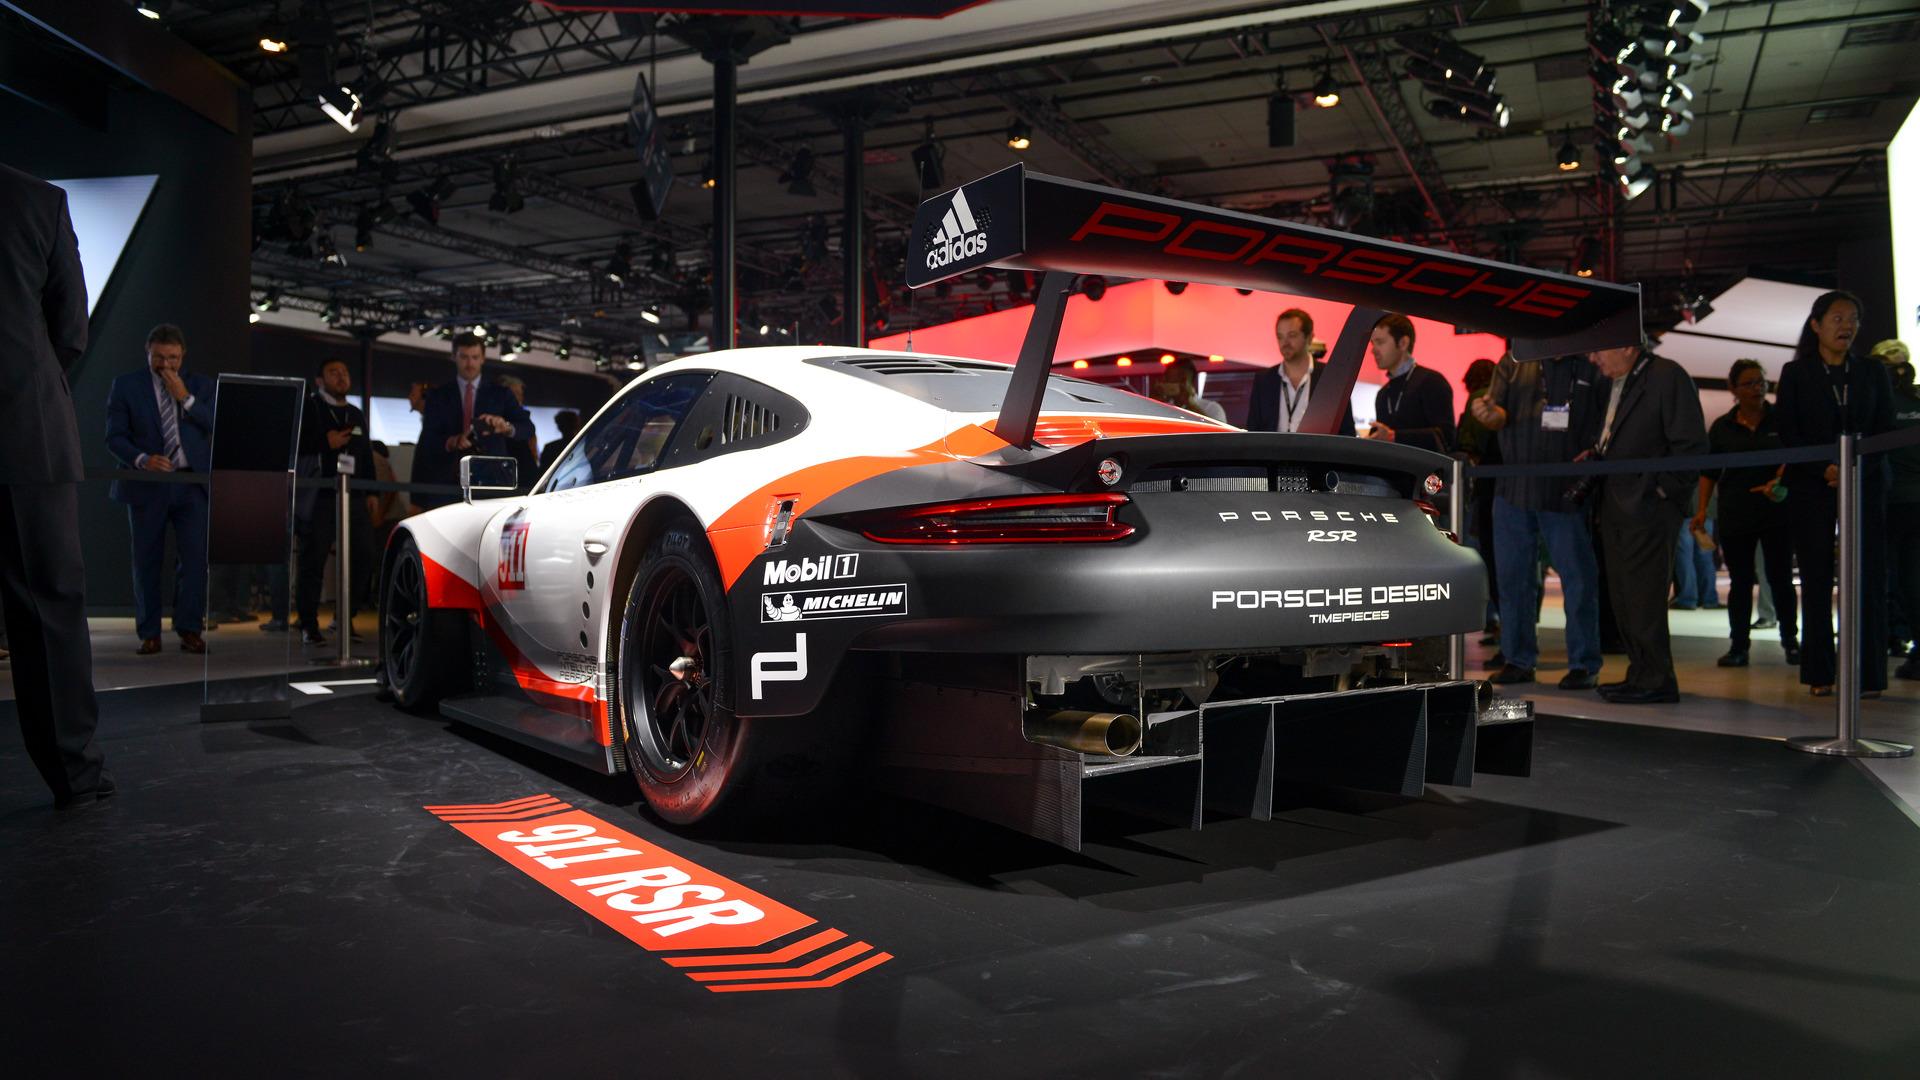 2017-porsche-911-rsr-la-2016 Exciting Porsche 911 Gt2 La Centrale Cars Trend